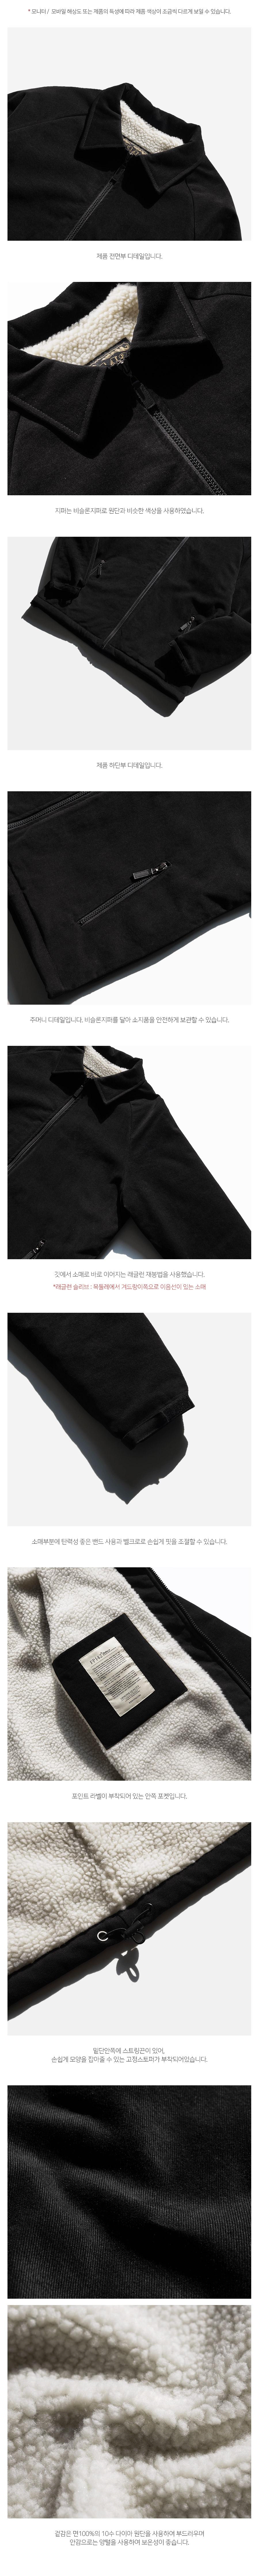 5_KHOT1238_detail_black2_sr.jpg